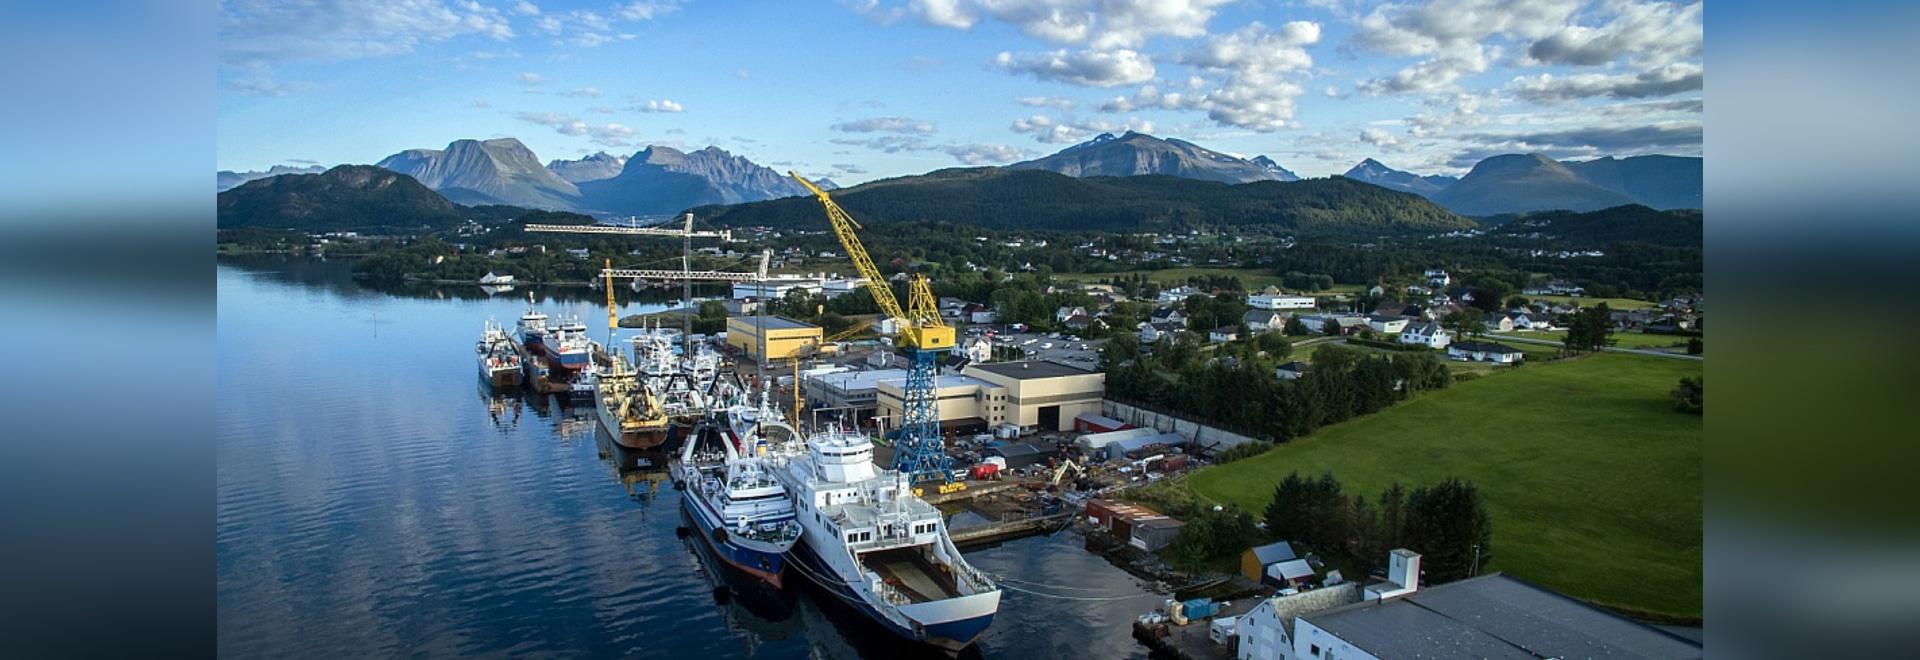 Le projet de HYBRIDShips en Norvège (courtoisie de Fiskerstrand)